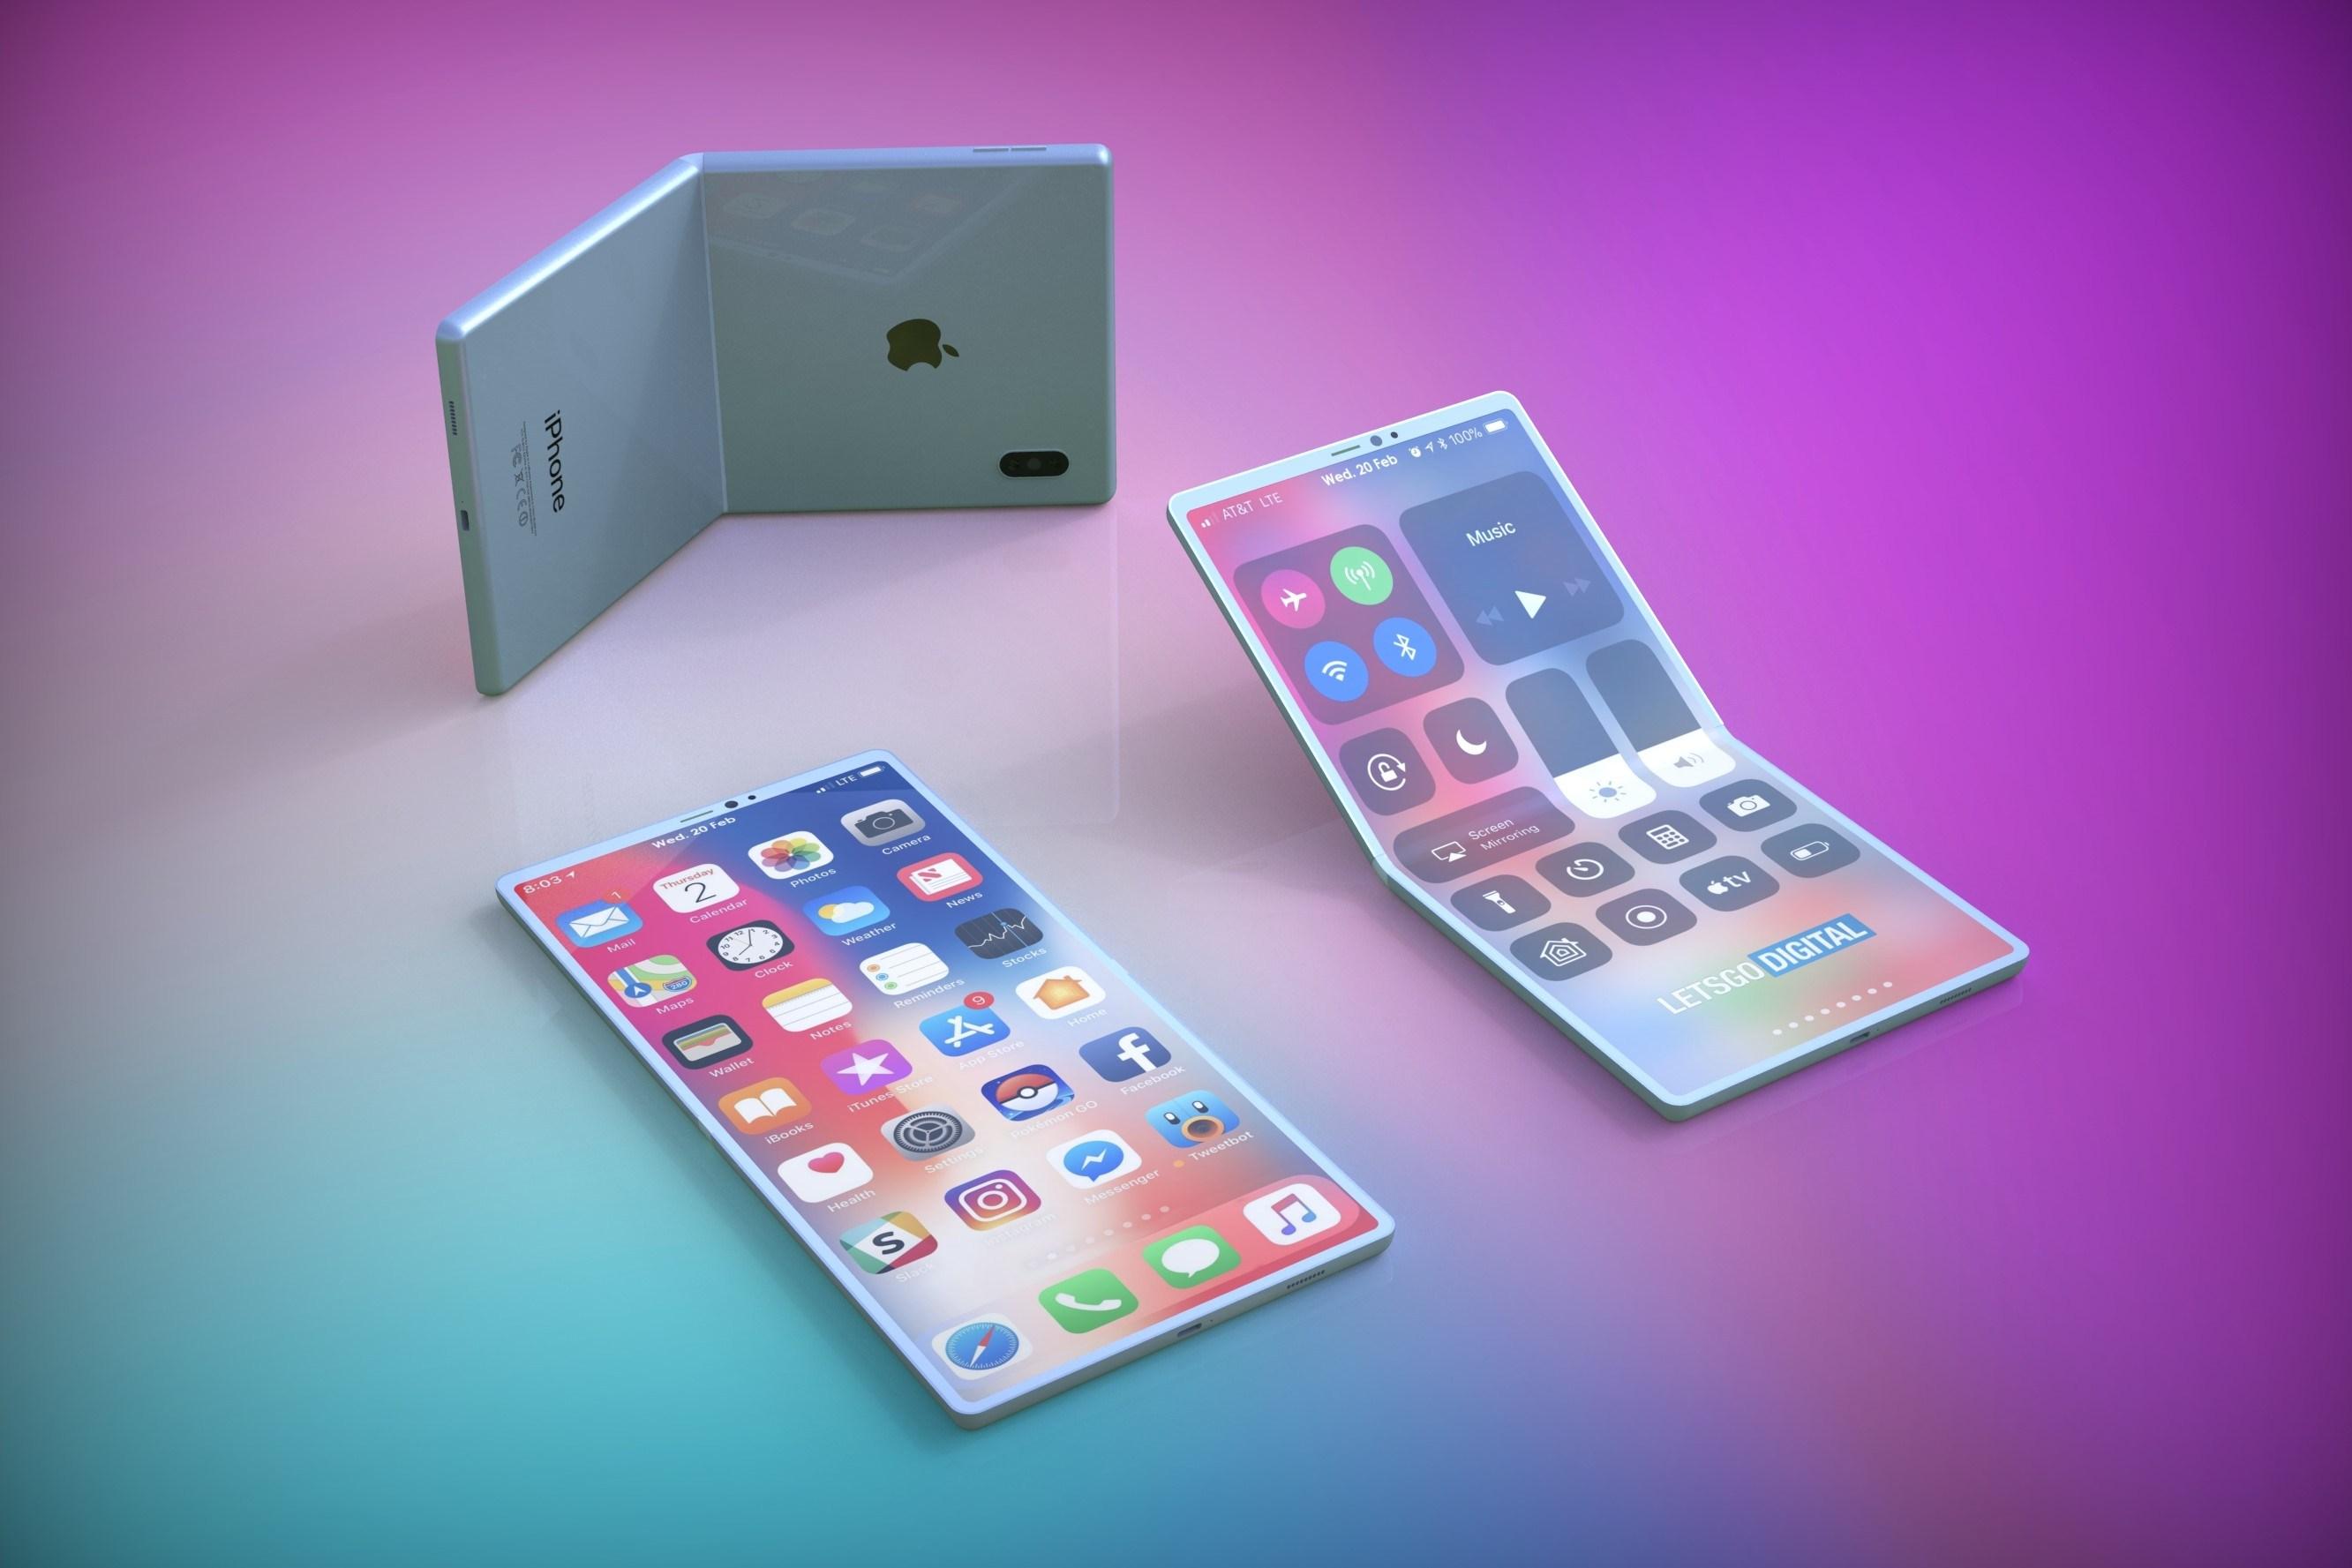 国产手机扎堆上折叠屏,苹果却掉队了?